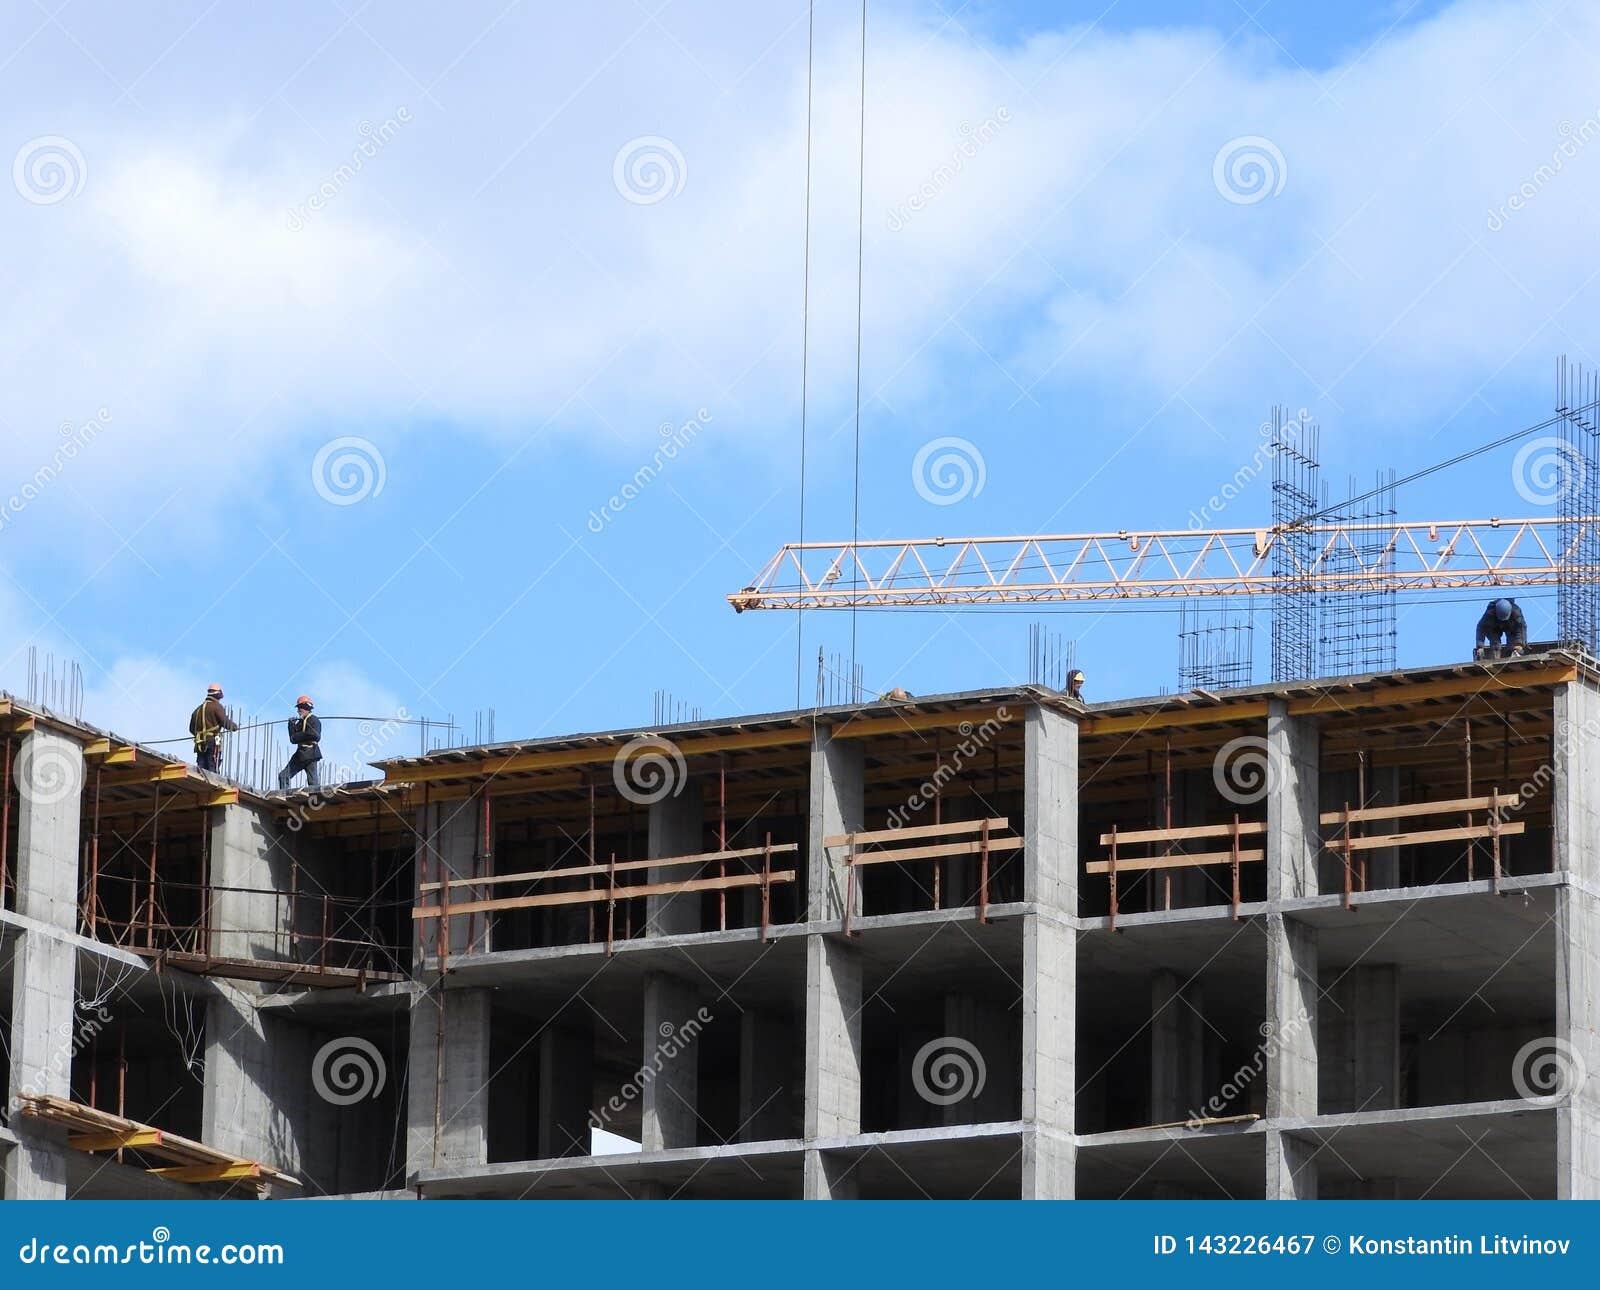 Grande cantiere, compreso parecchie gru che lavorano al complesso della costruzione, con un chiaro cielo blu